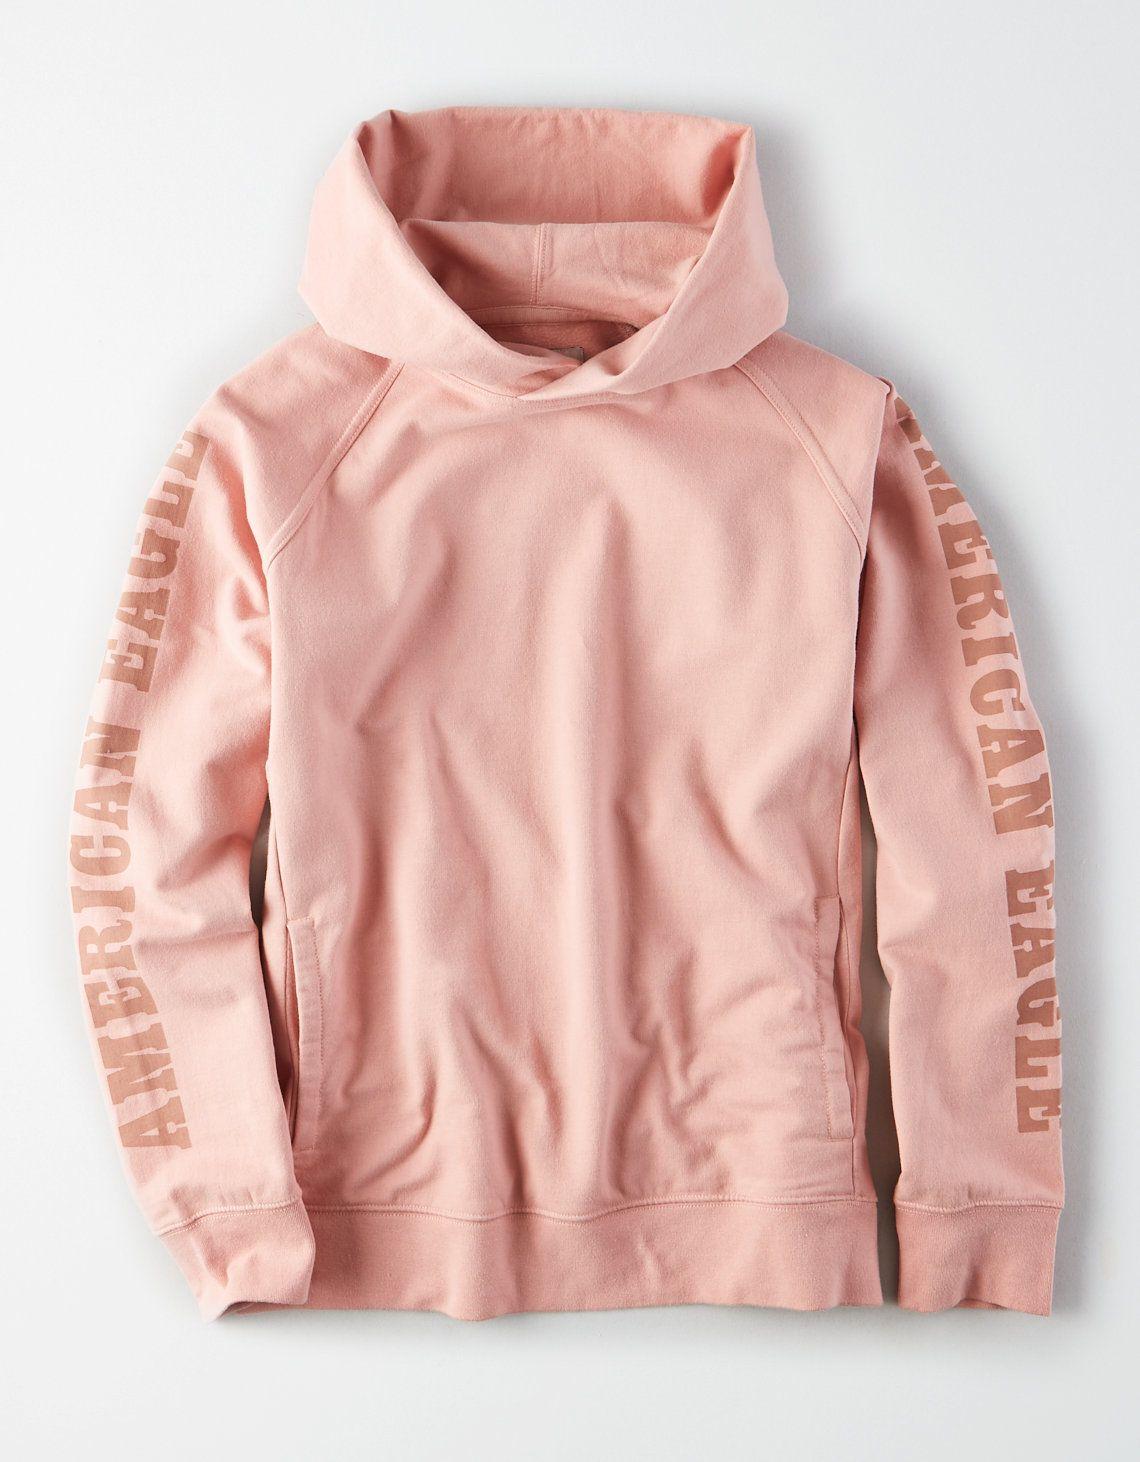 Product Image Mens Sweatshirts Hoodie Hoodies Hoodies Men [ 1462 x 1140 Pixel ]